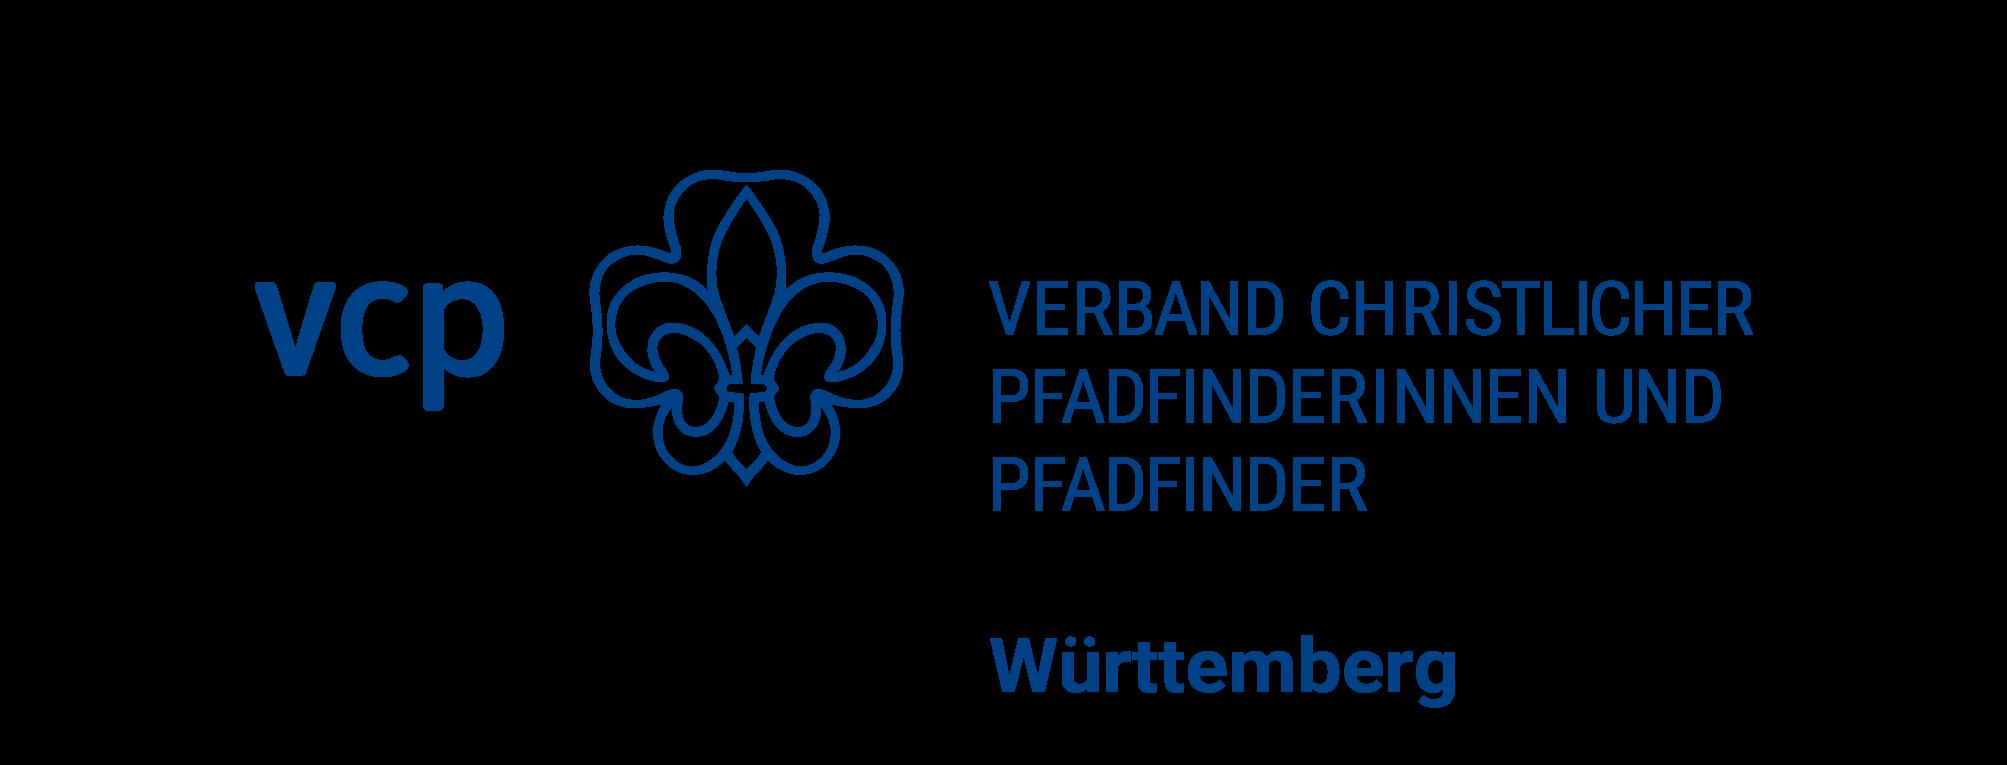 Logo: Verband Christlicher Pfadfinderinnen und Pfadfinder Württemberg e.V.